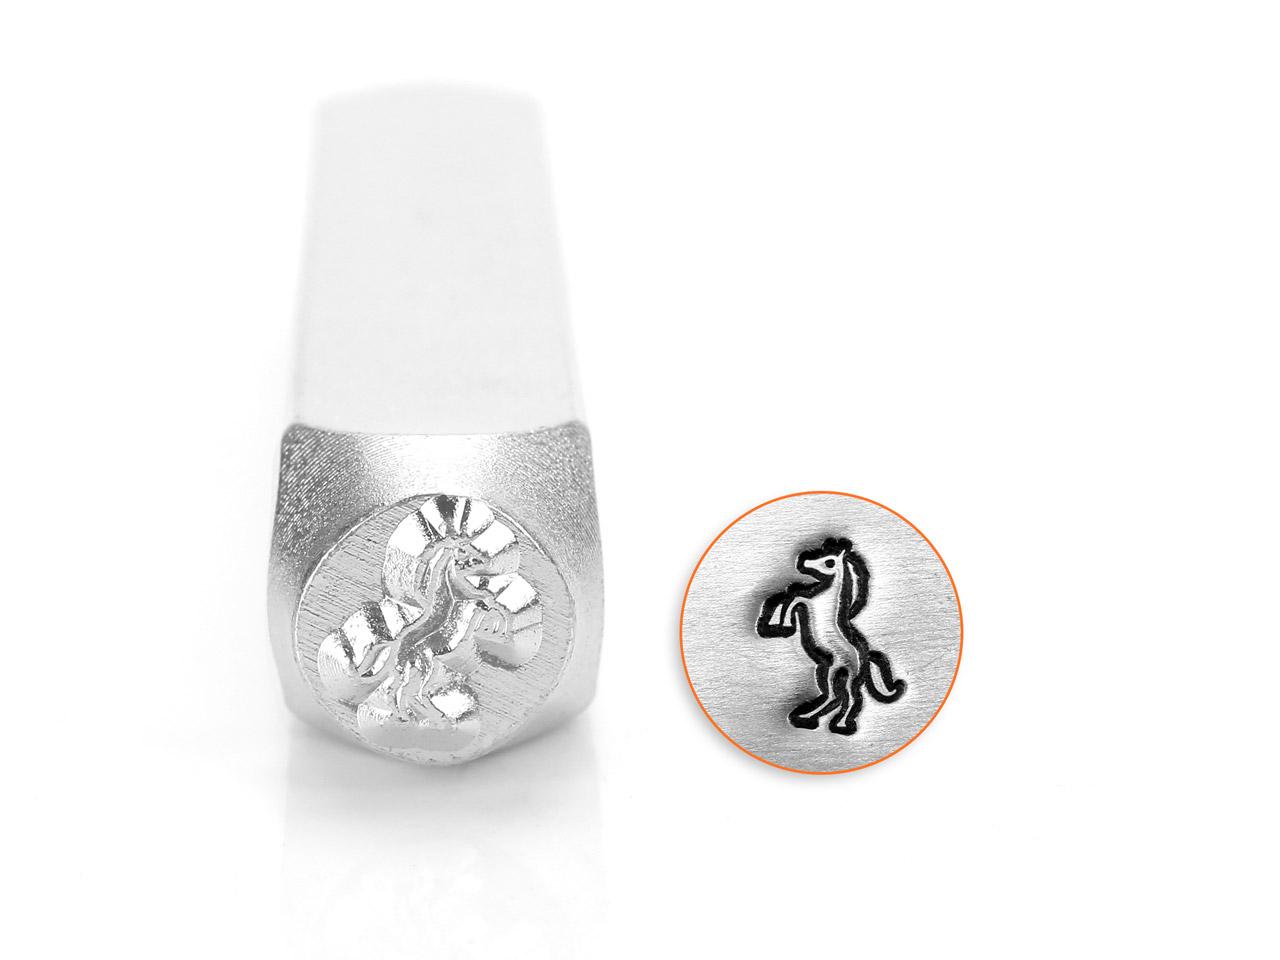 poinçon impressart, motif cheval qui se cabre, 6 mm - cookson-clal